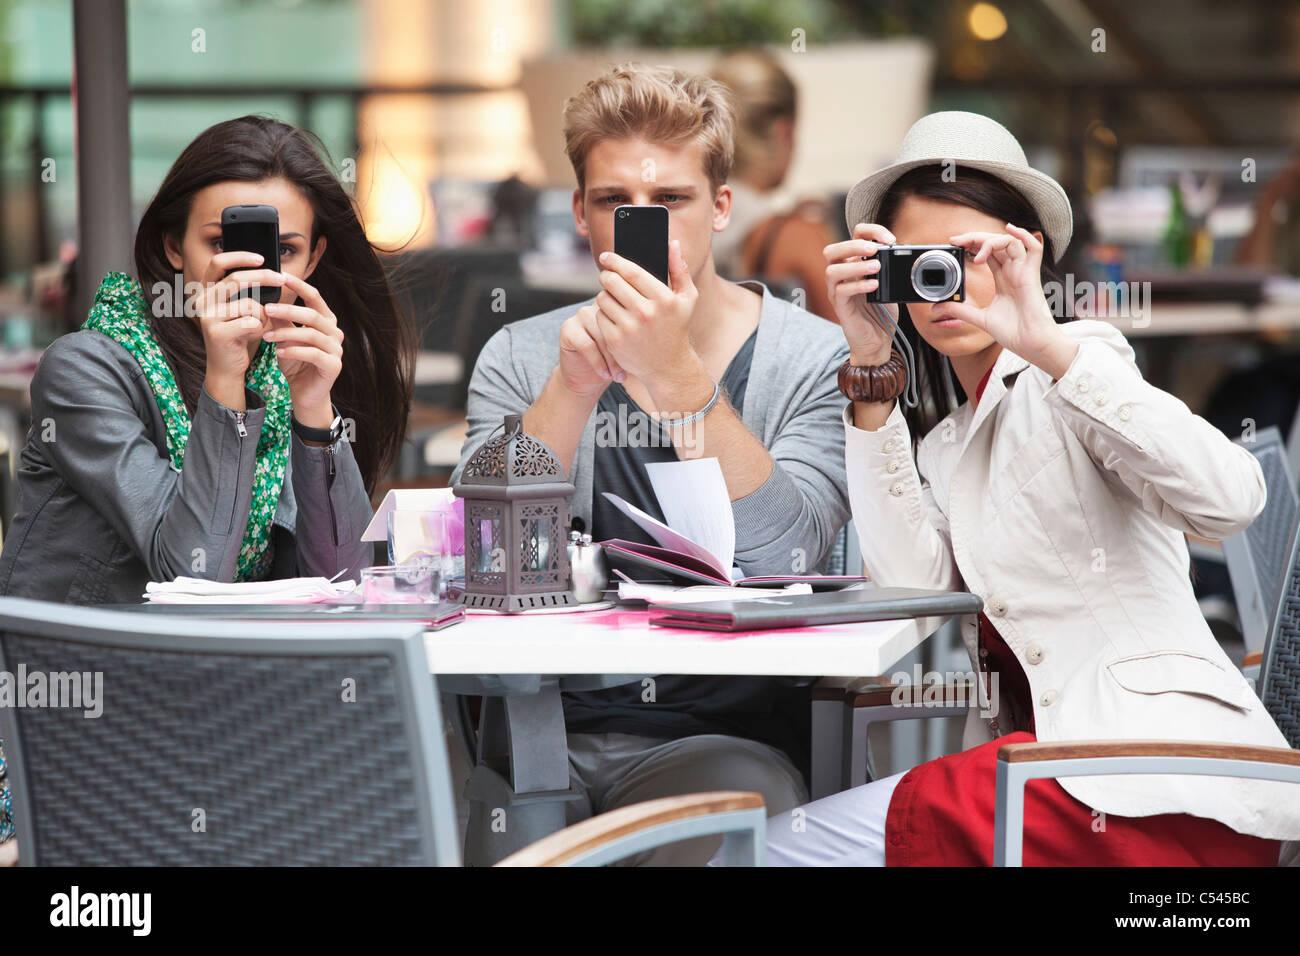 Trois jeunes amis à l'aide de gadgets électroniques dans un restaurant Photo Stock